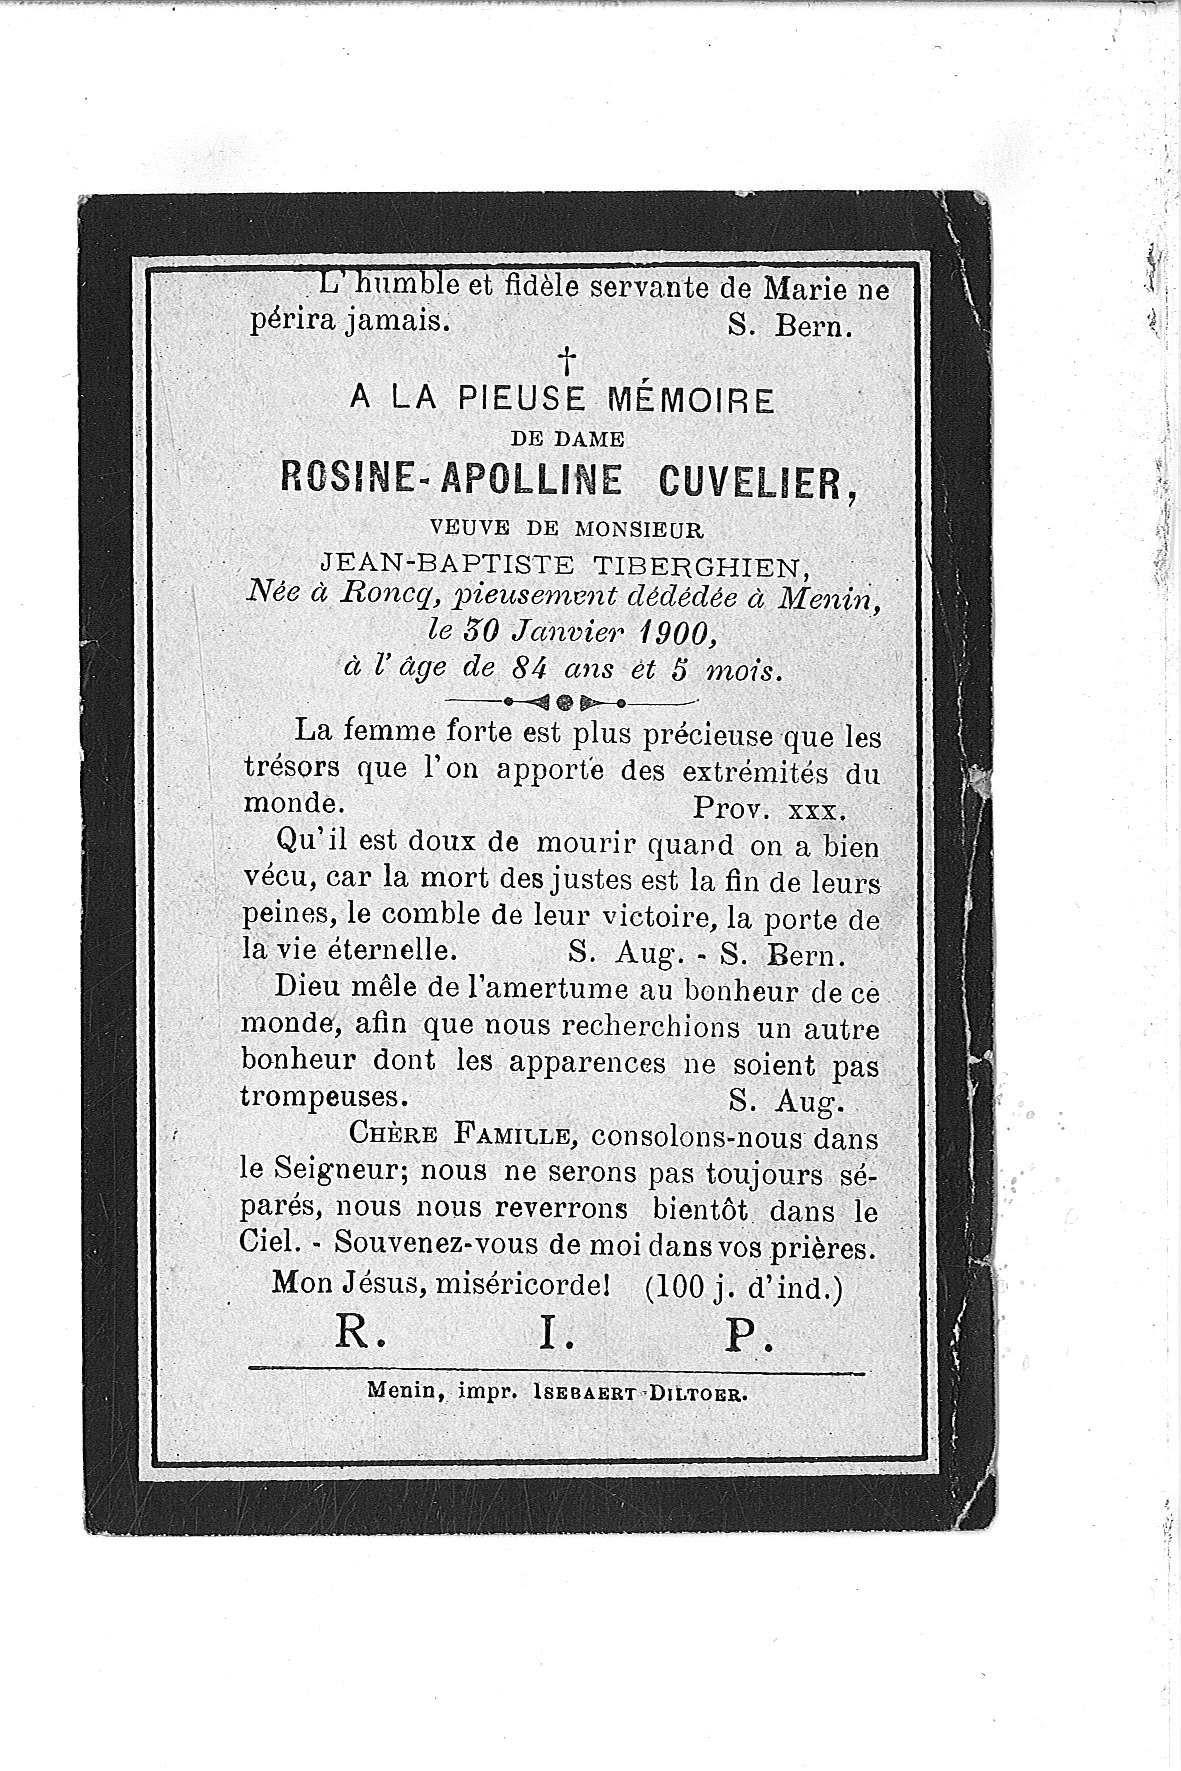 Rosine-Apolline (1900) 20120123114116_00074.jpg